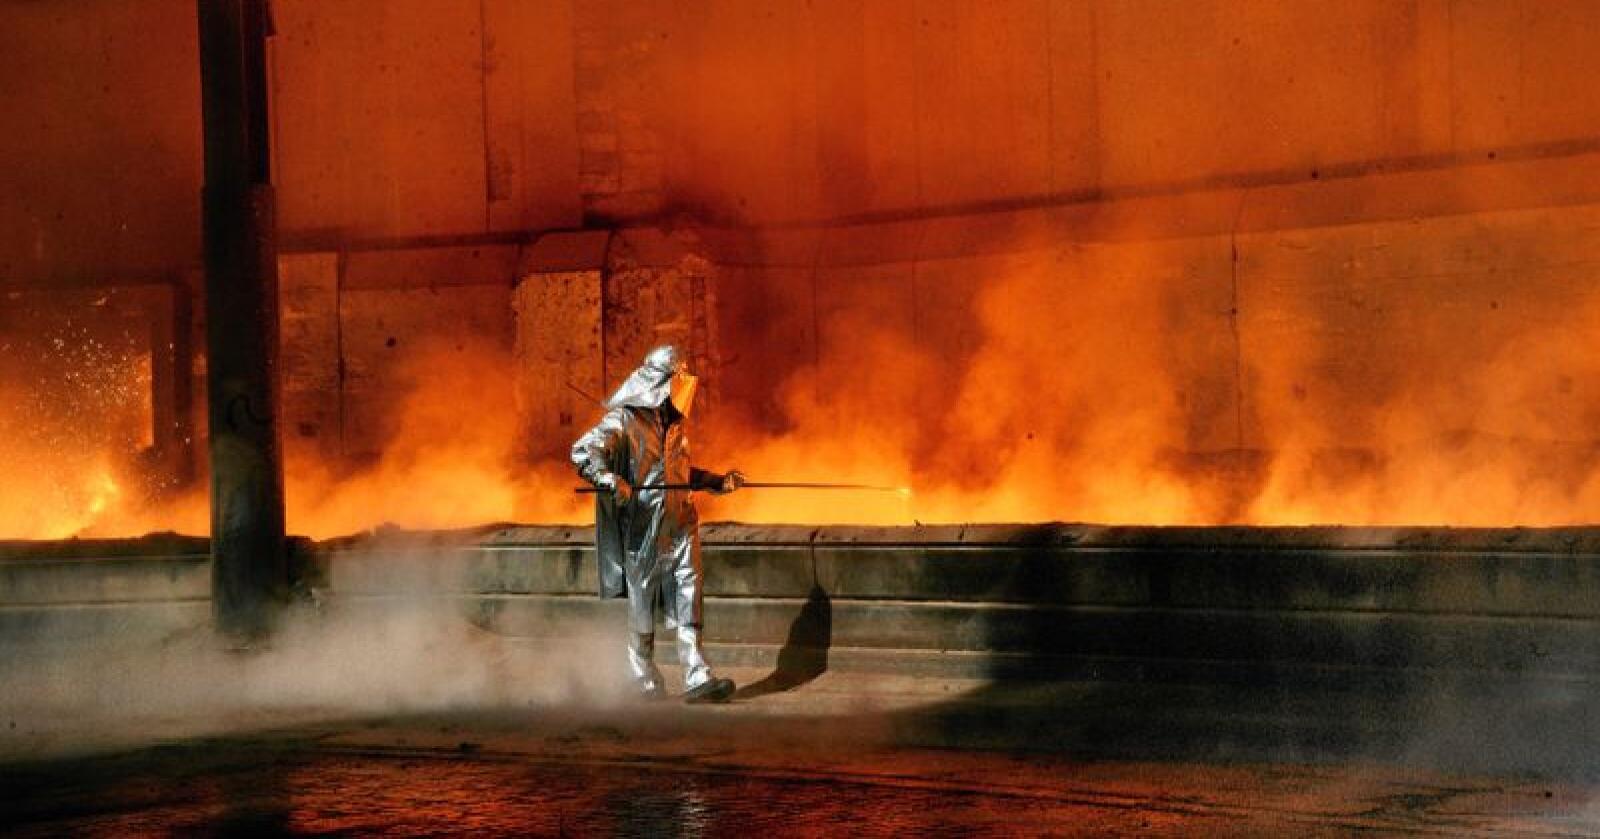 Mye av eksportnæringene og produksjon er spredt rundt i Distrikts-Norge. Her fra smelteverket i Sauda. Foto: Siri Juell Rasmussen